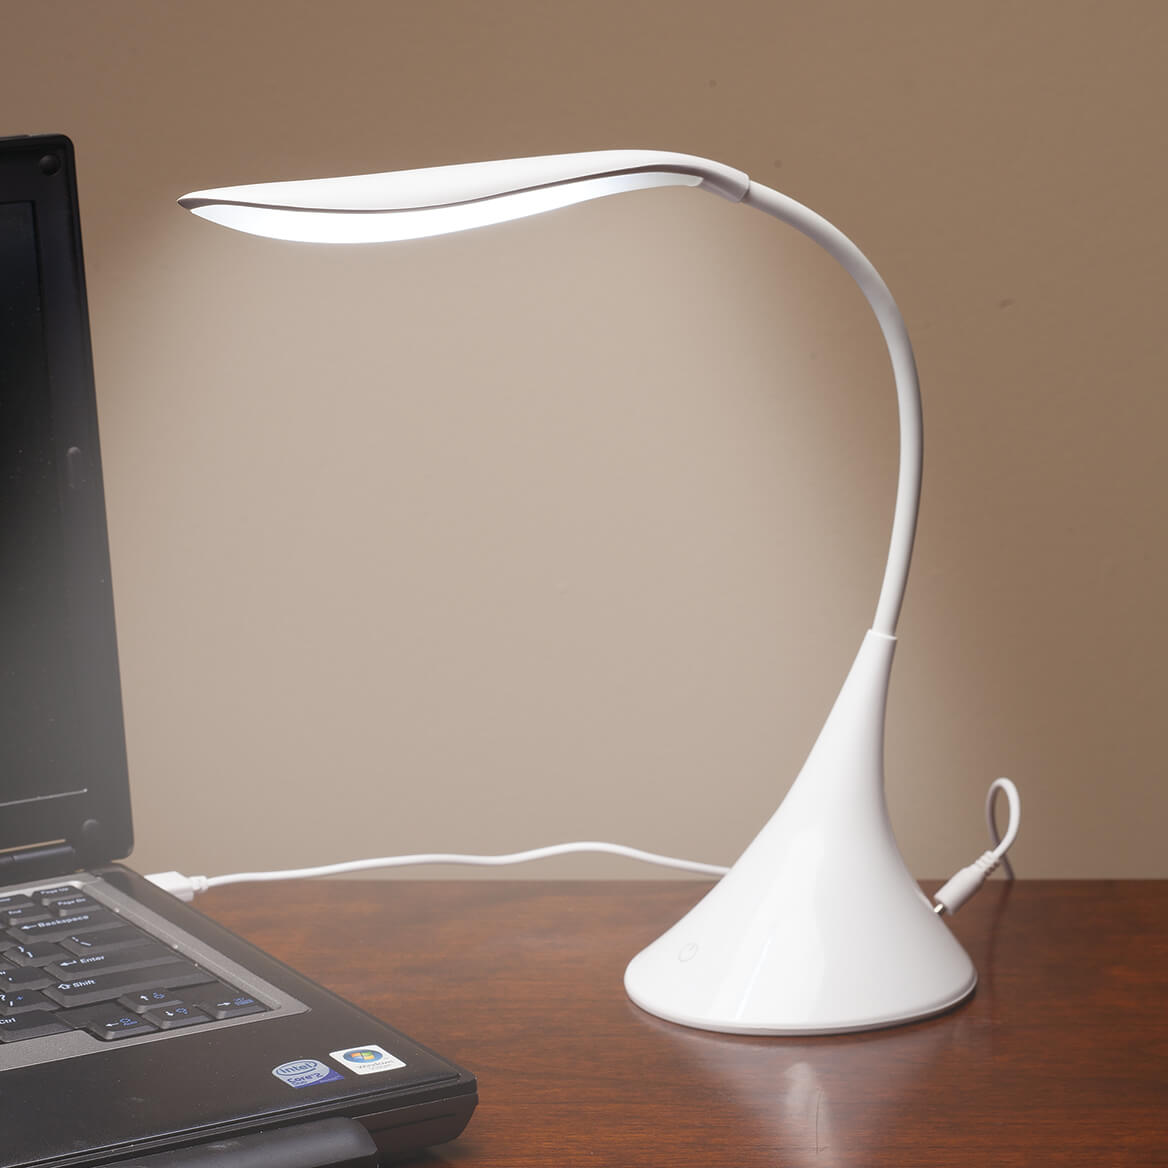 Flexible LED Desk Lamp-364593